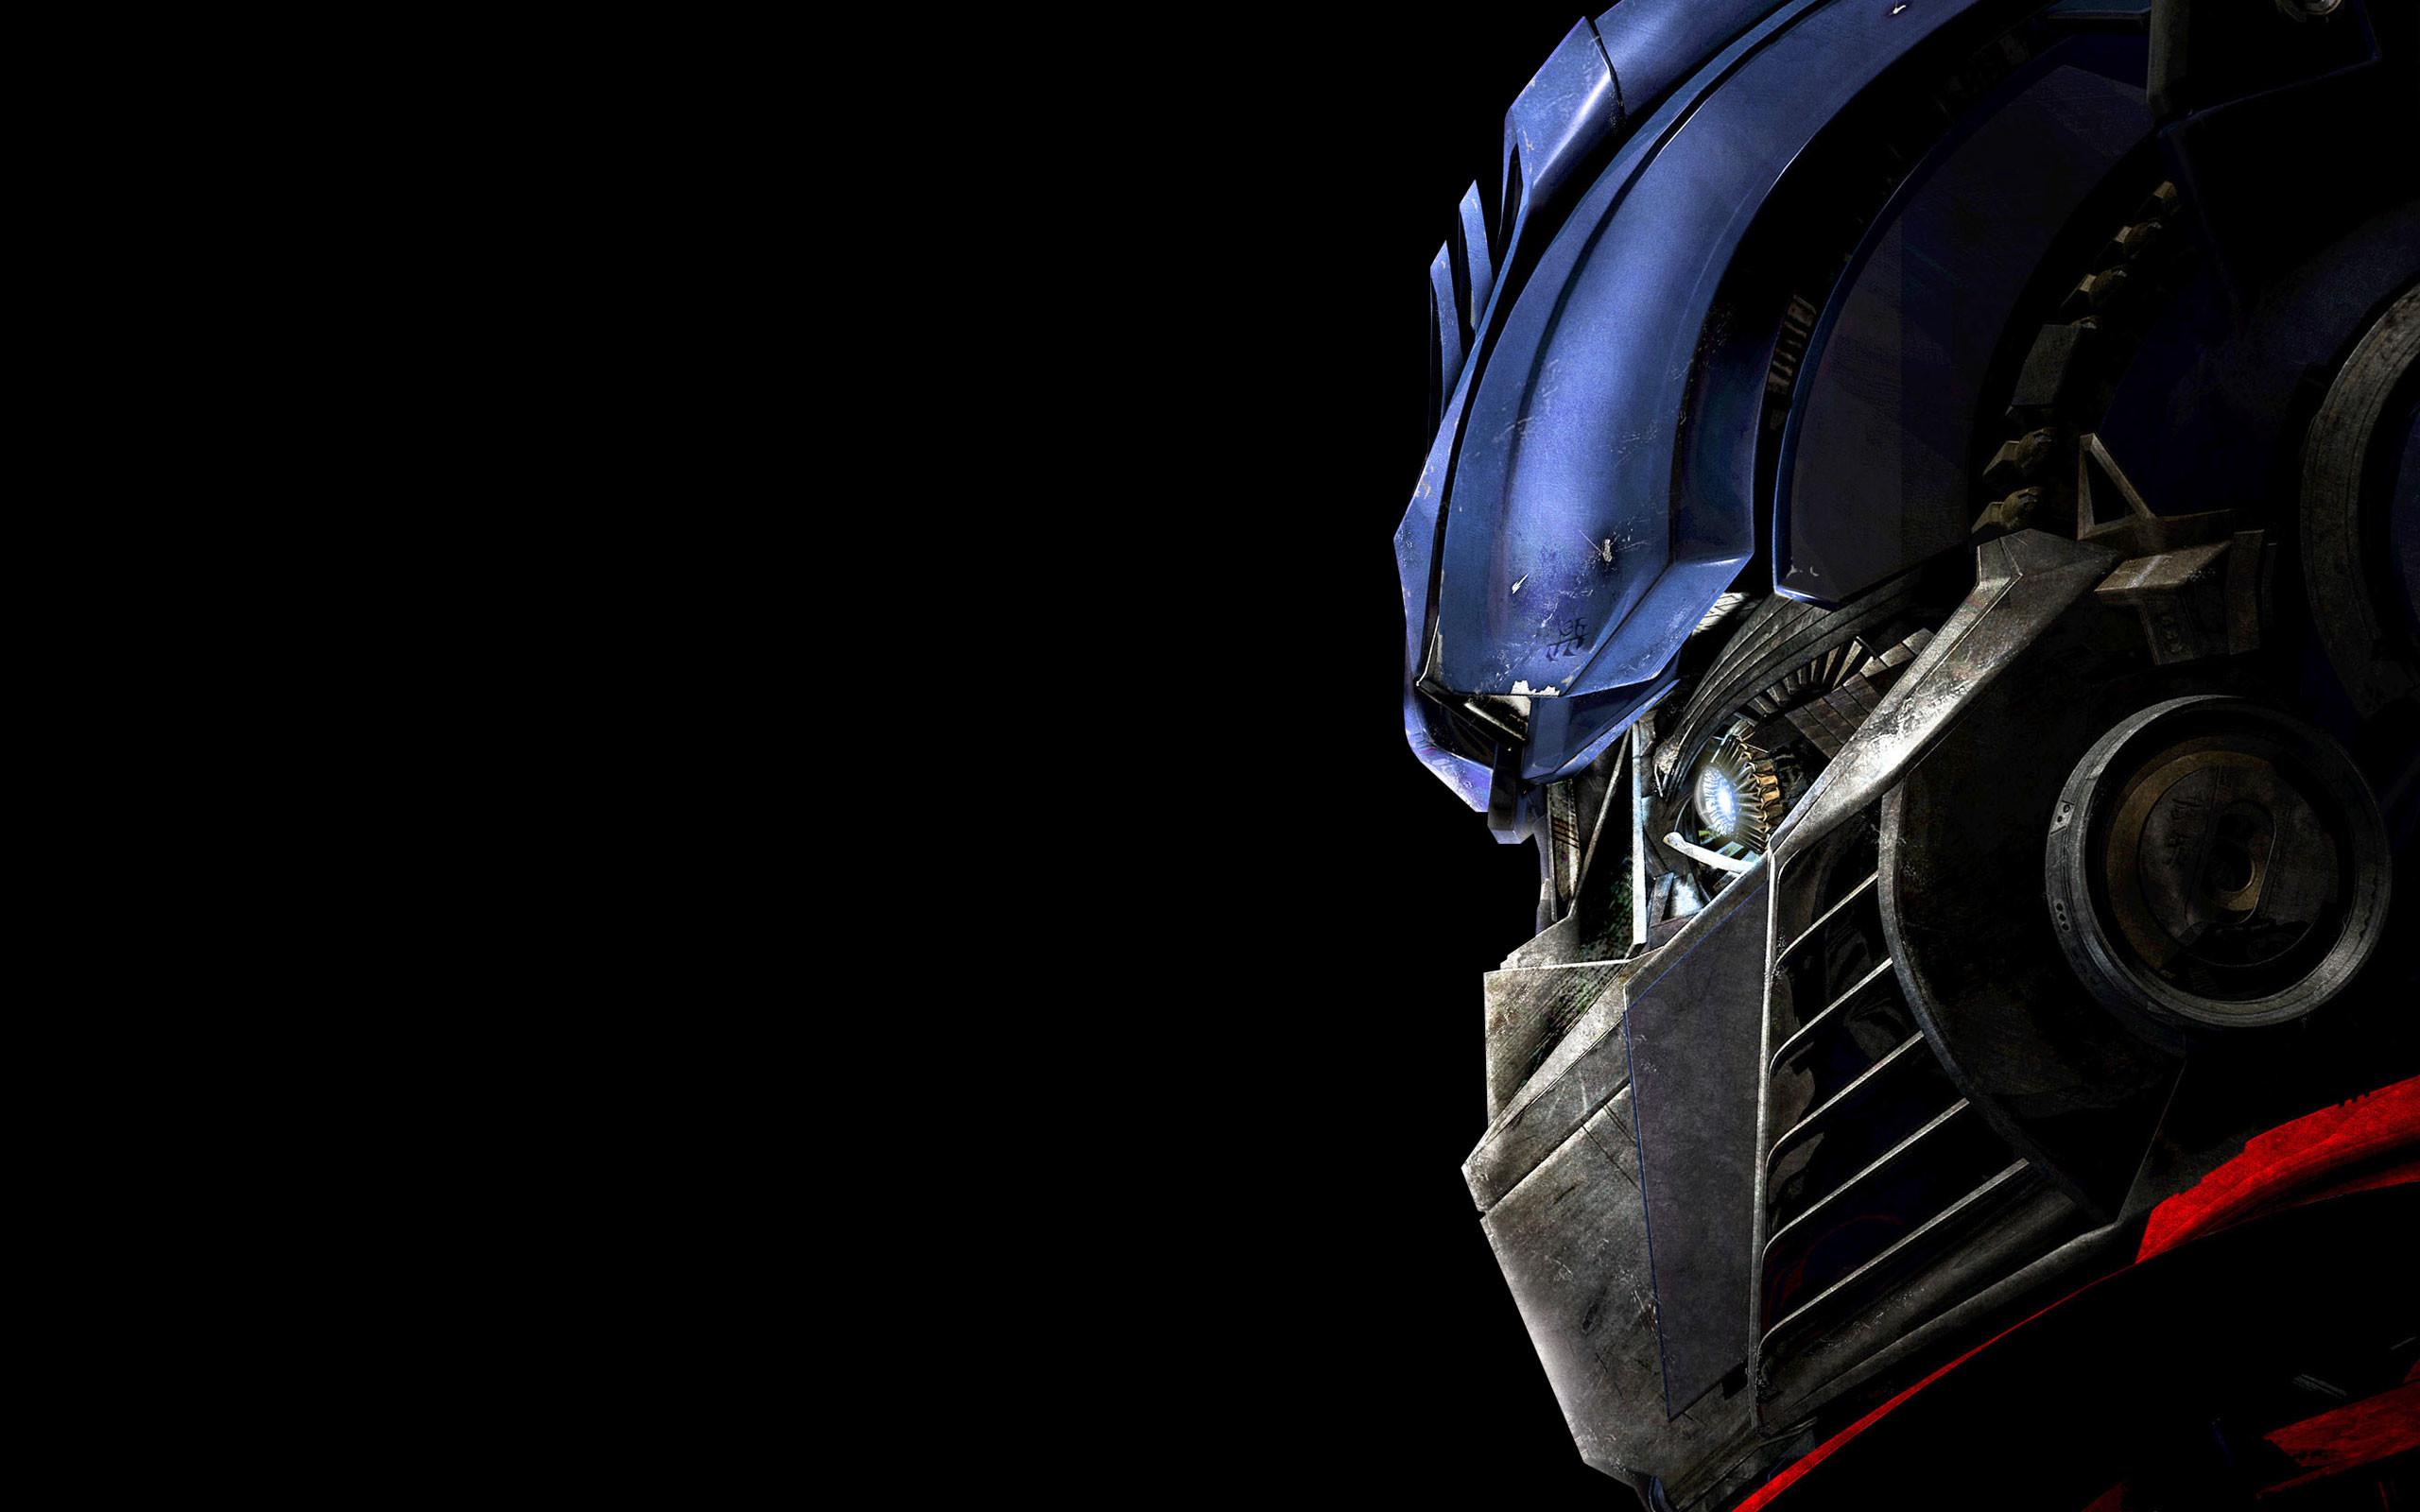 Transformers Optimus Prime wallpaper 200207